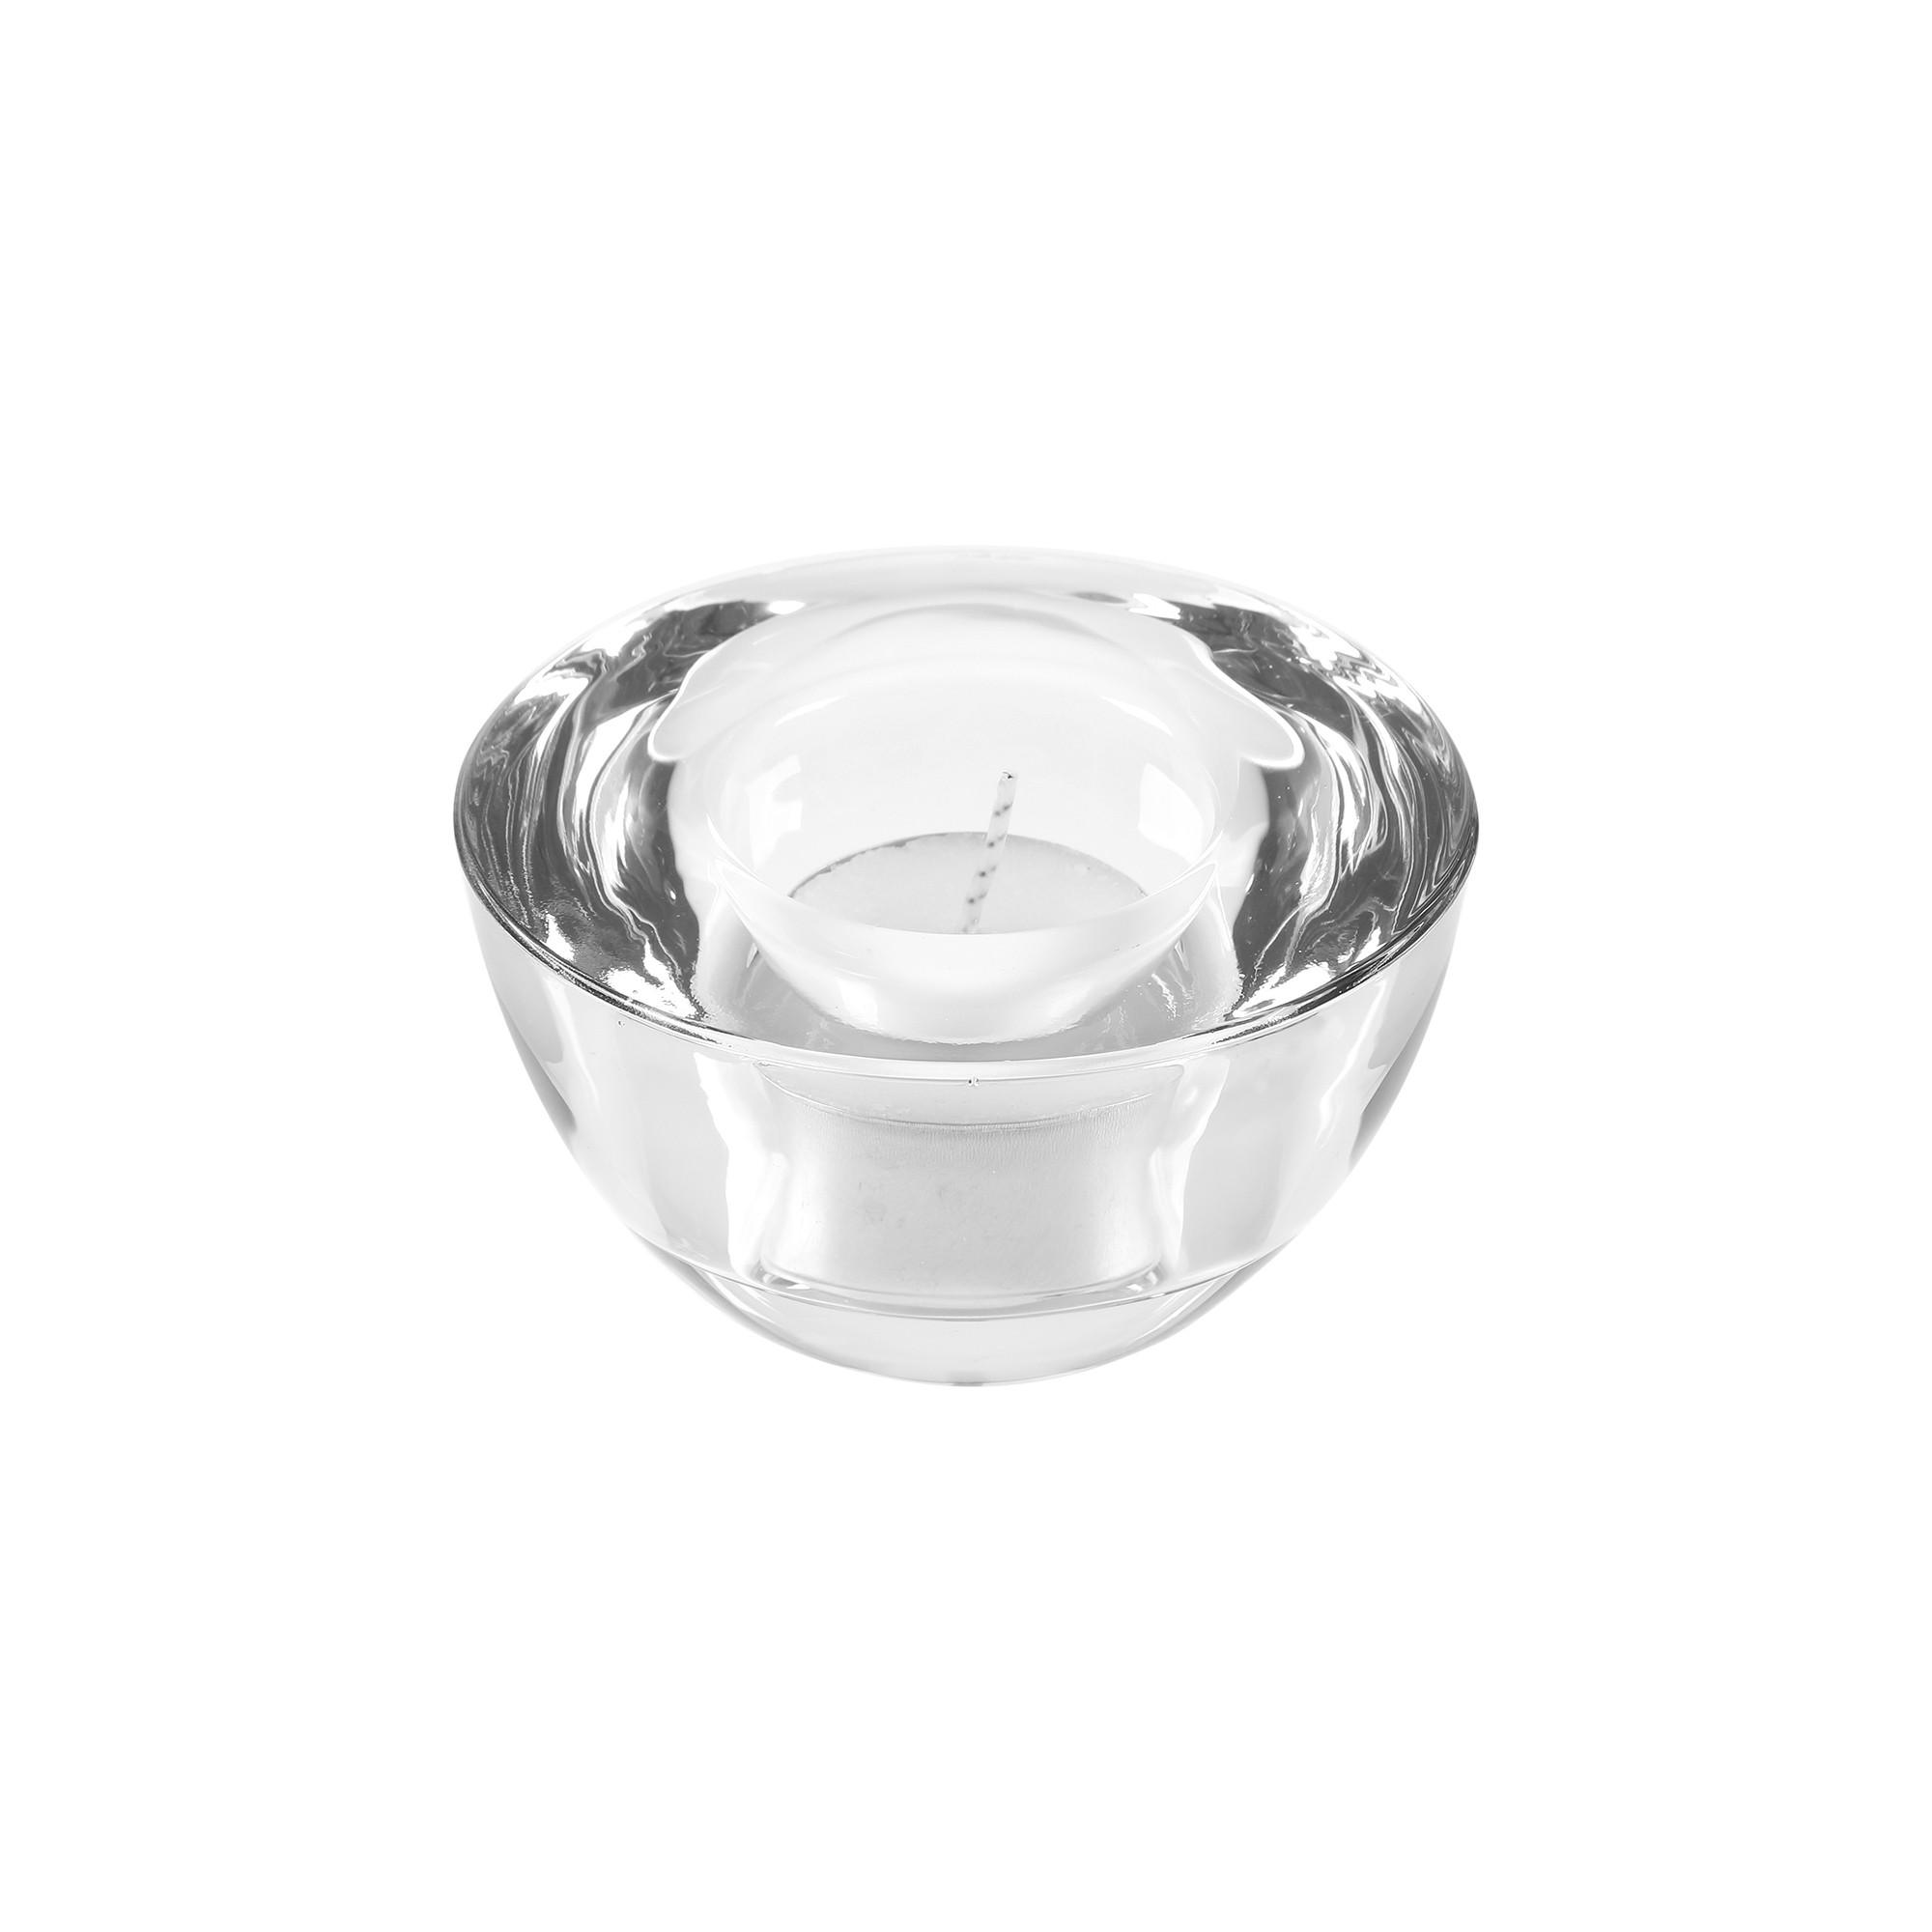 Porta velas em vidro transparente